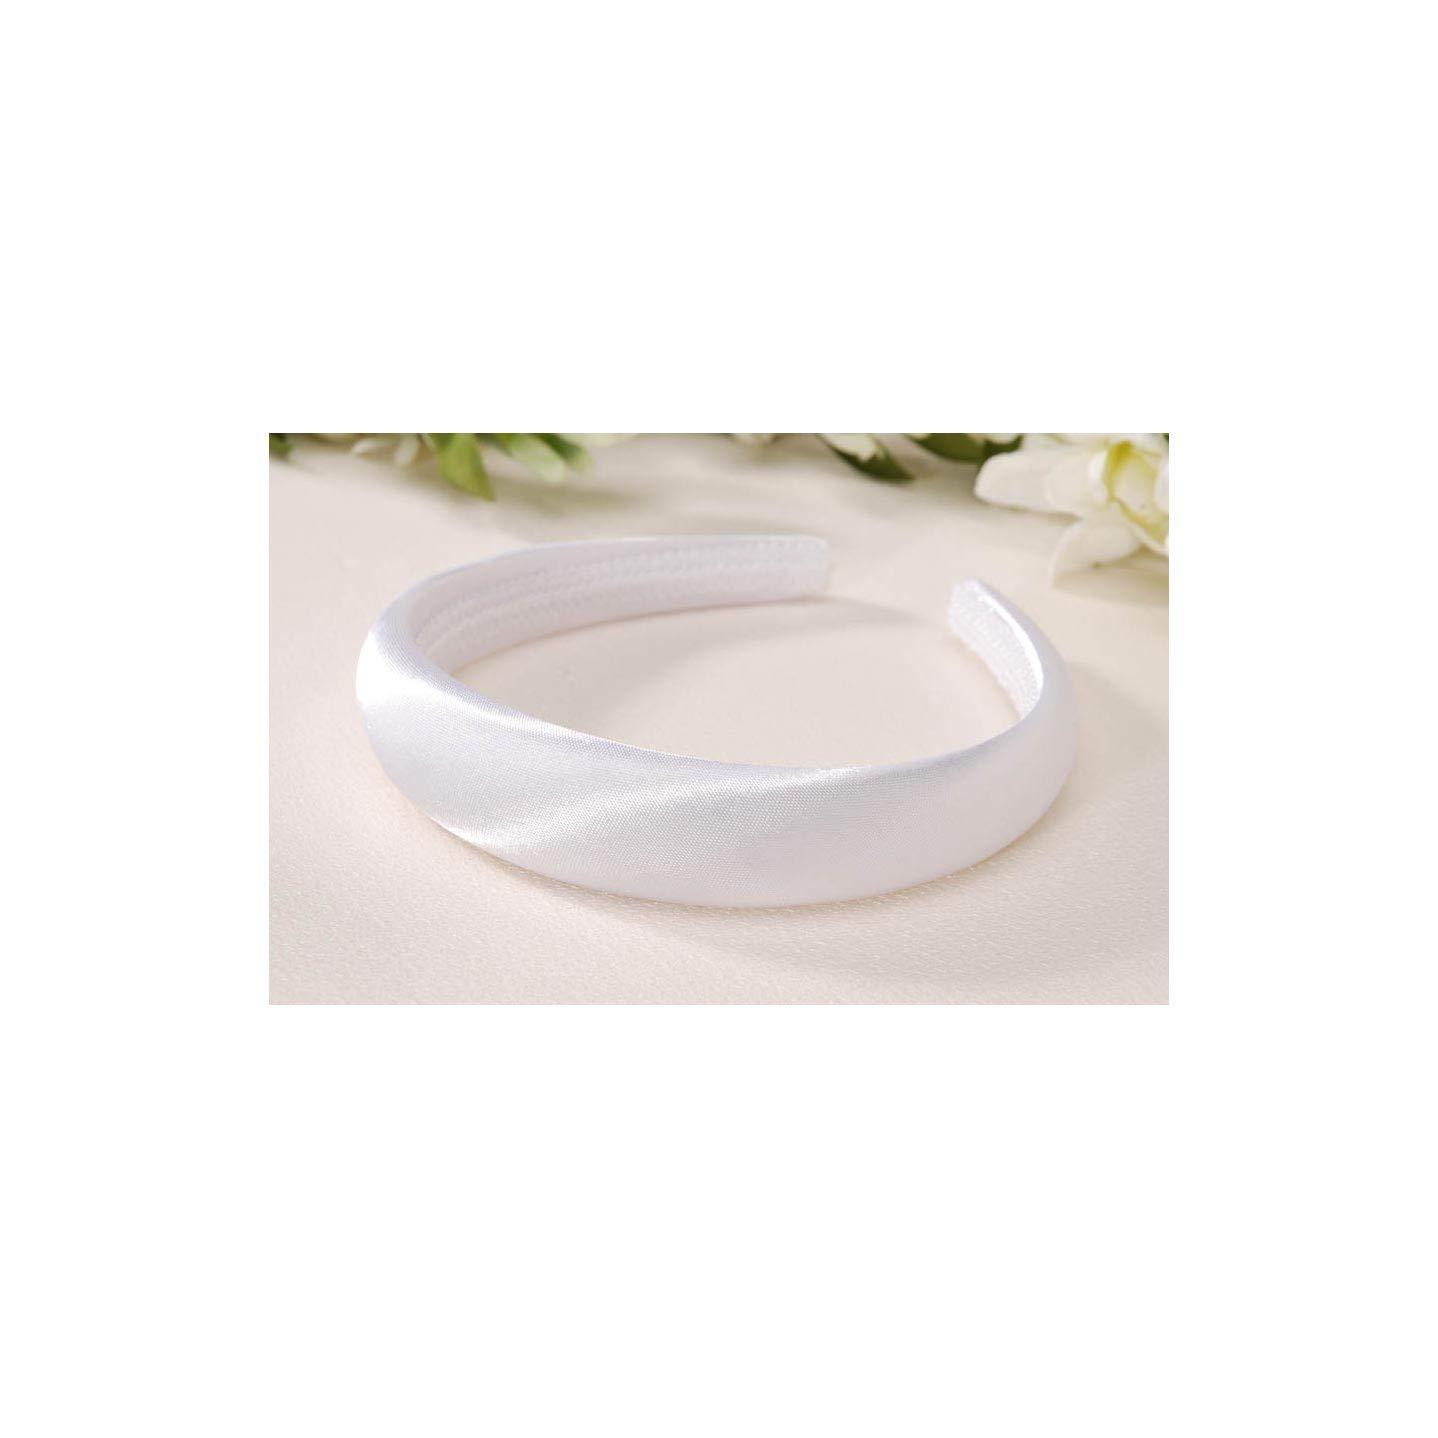 Bulk Buy : Darice DIYクラフトパッド入りサテンヘッドバンドホワイト25 mm ( Thick6パックv35565 – 01   B00KNASL4Y